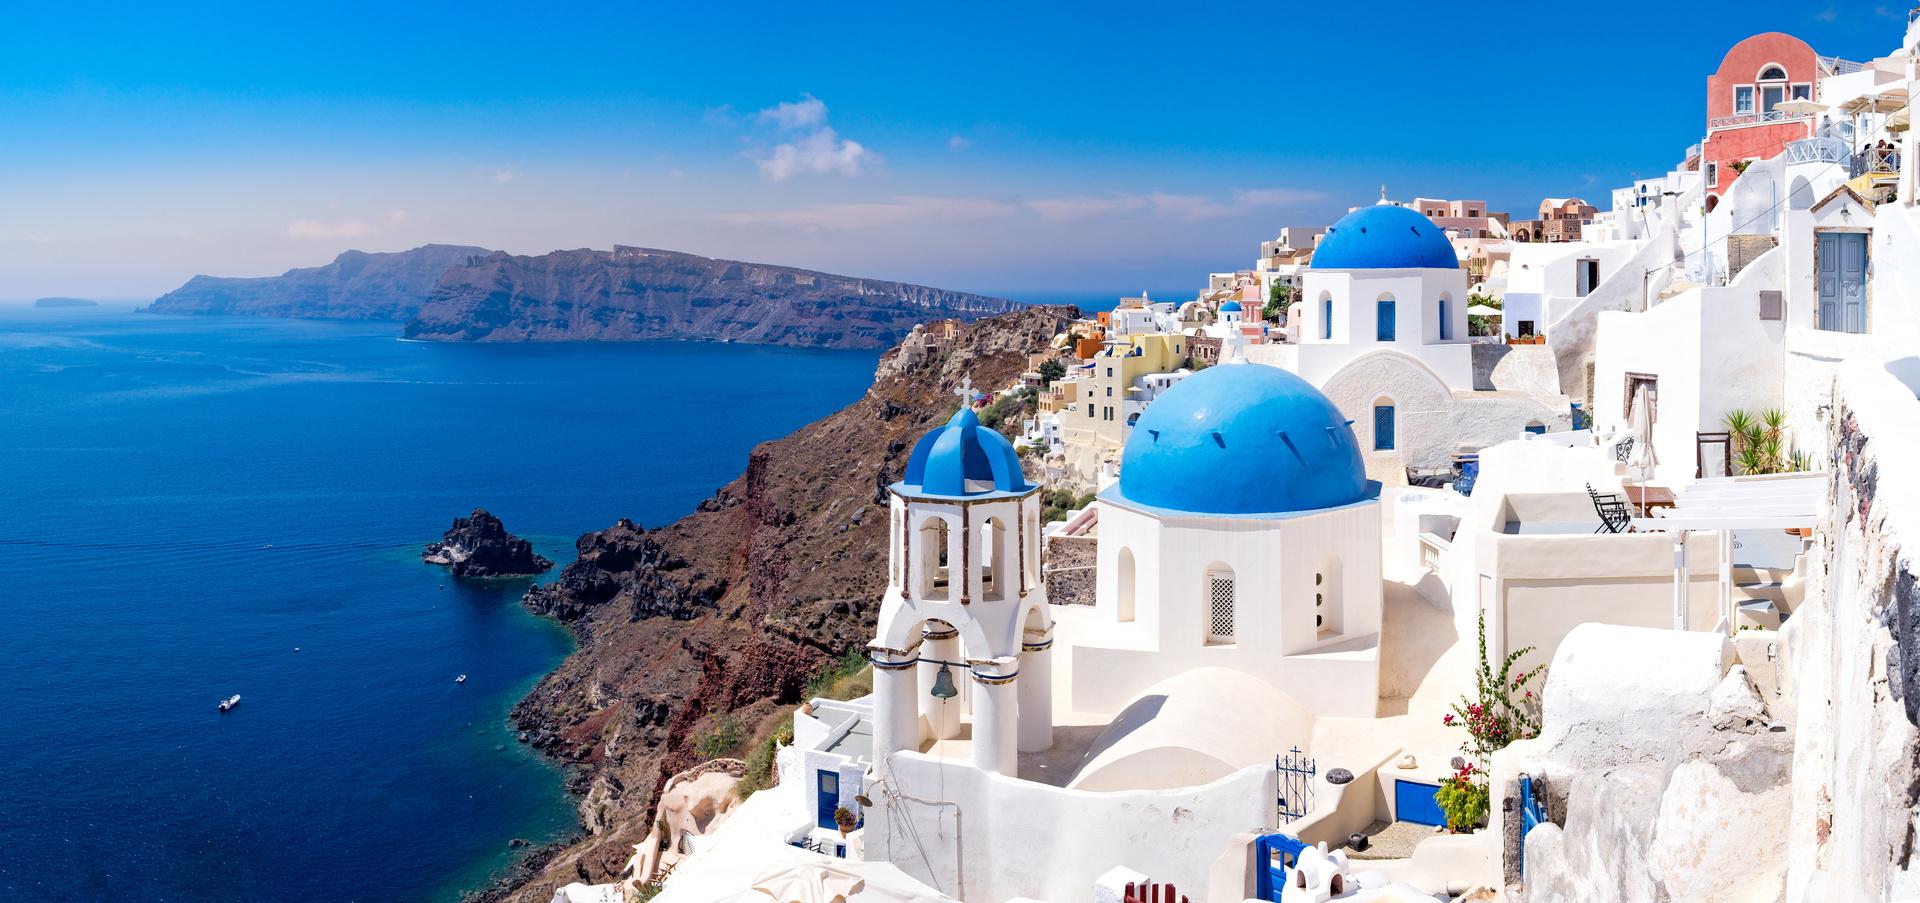 Panoramisch uitzicht op mooie witte huizen en blauwe koepels in Oia, Santorini, Griekenland